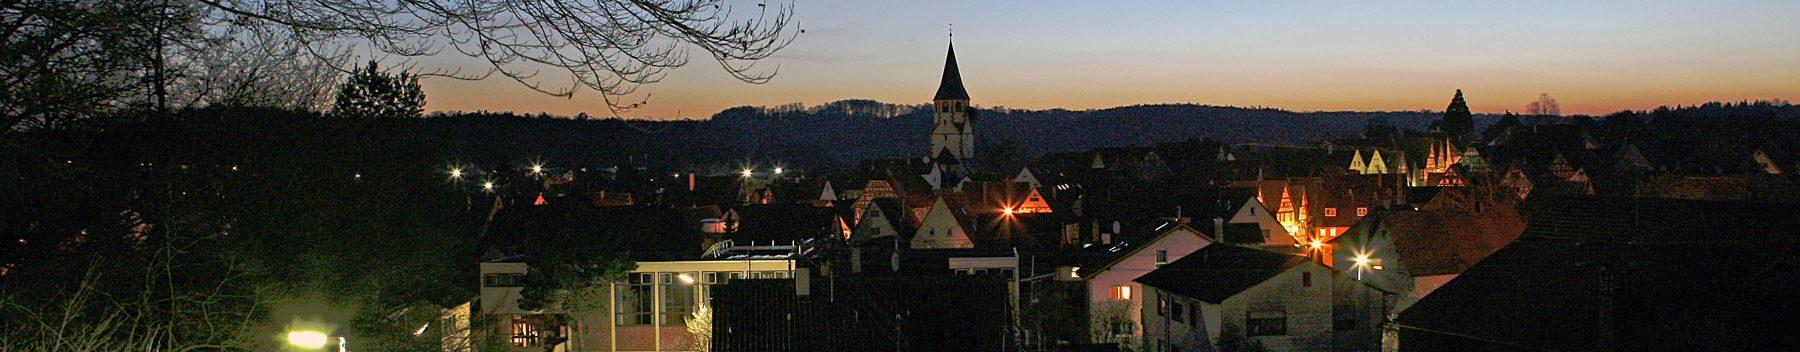 Lienzinger Bierkeller- u. Kulturverein e. V.